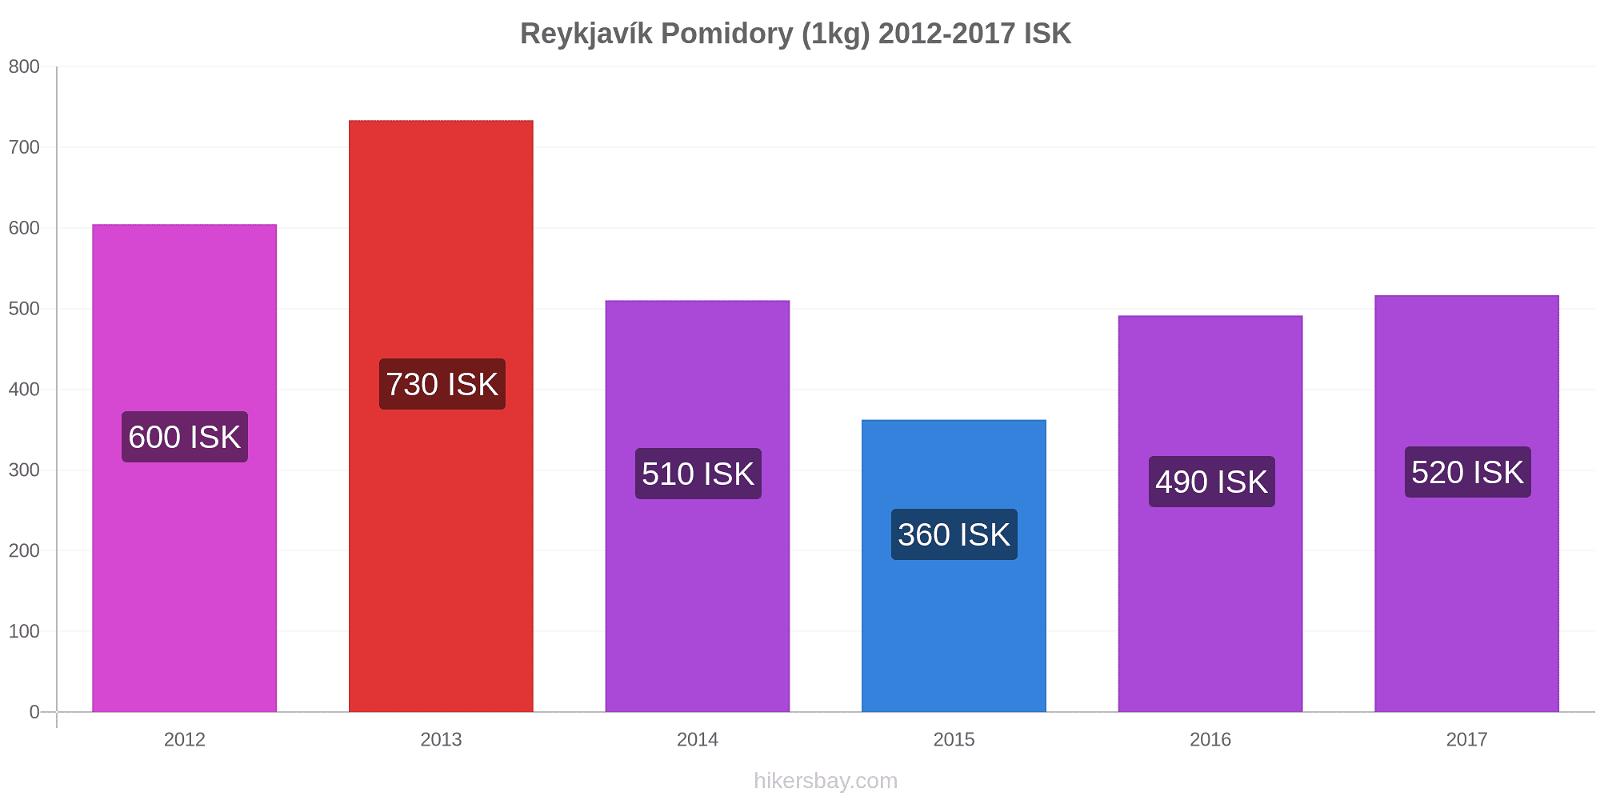 Reykjavík zmiany cen Pomidory (1kg) hikersbay.com